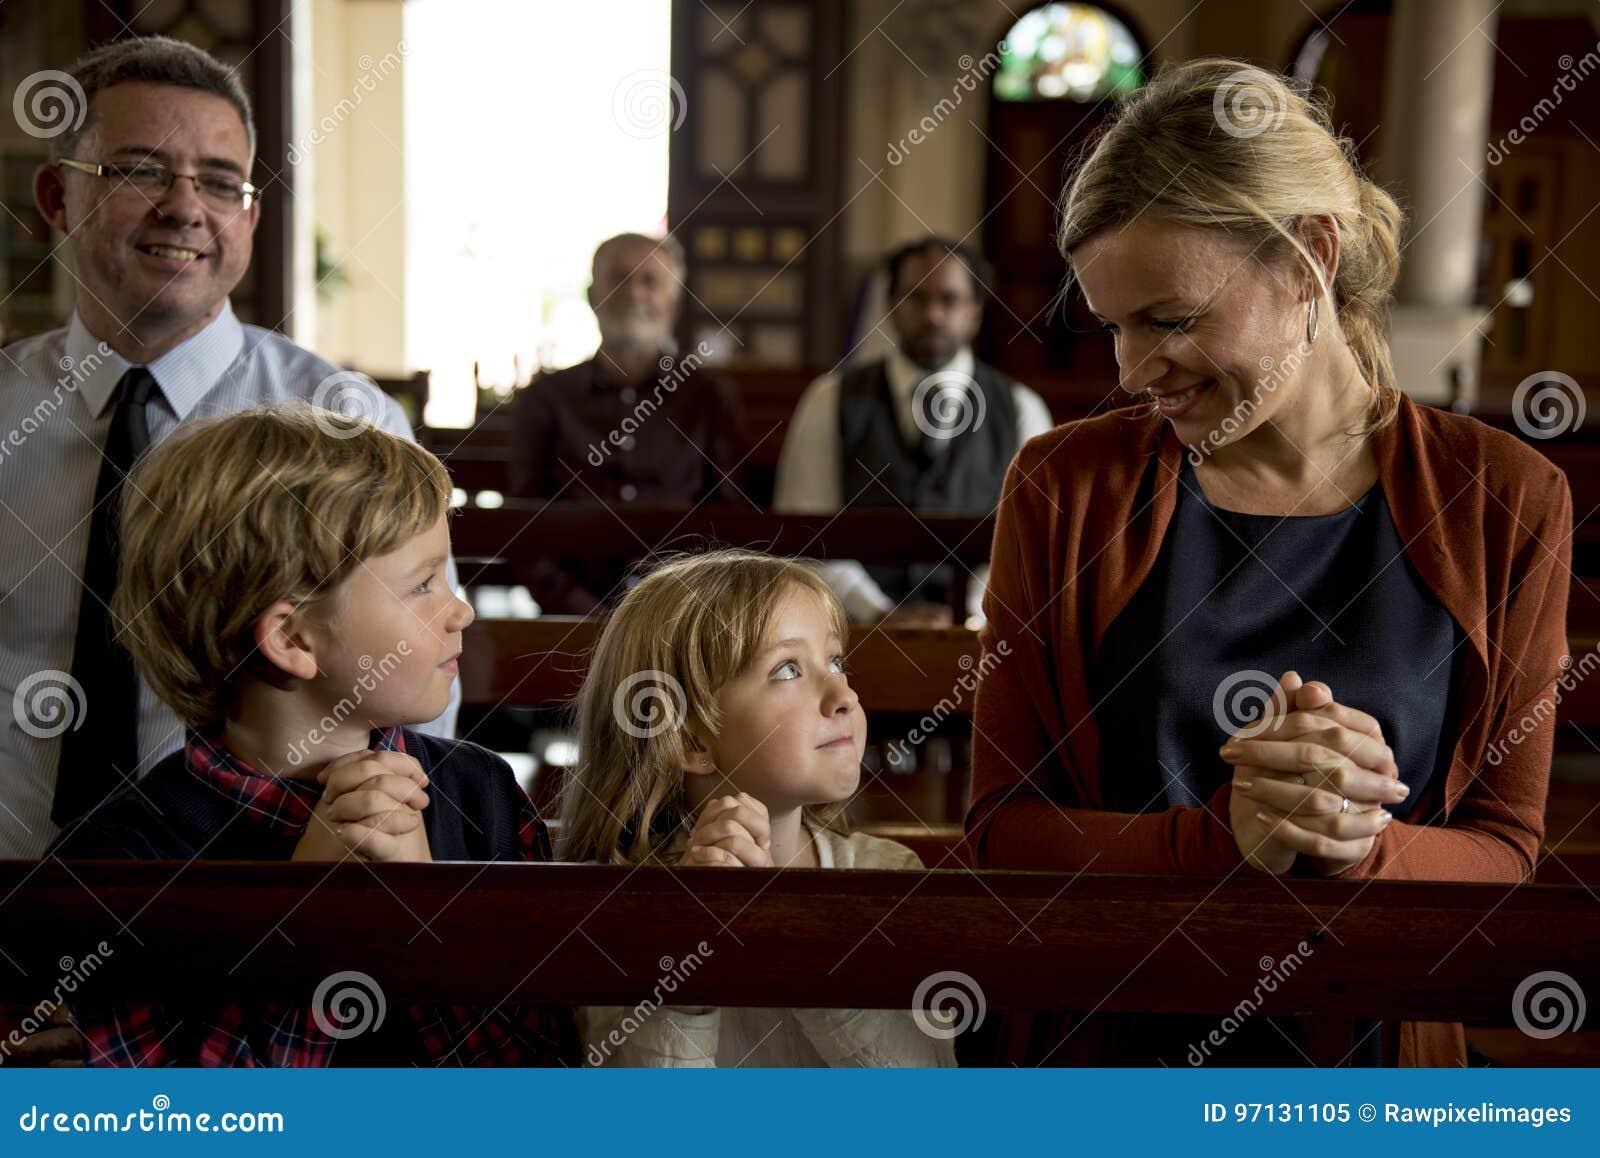 Οι άνθρωποι εκκλησιών θεωρούν την πίστη θρησκευτική